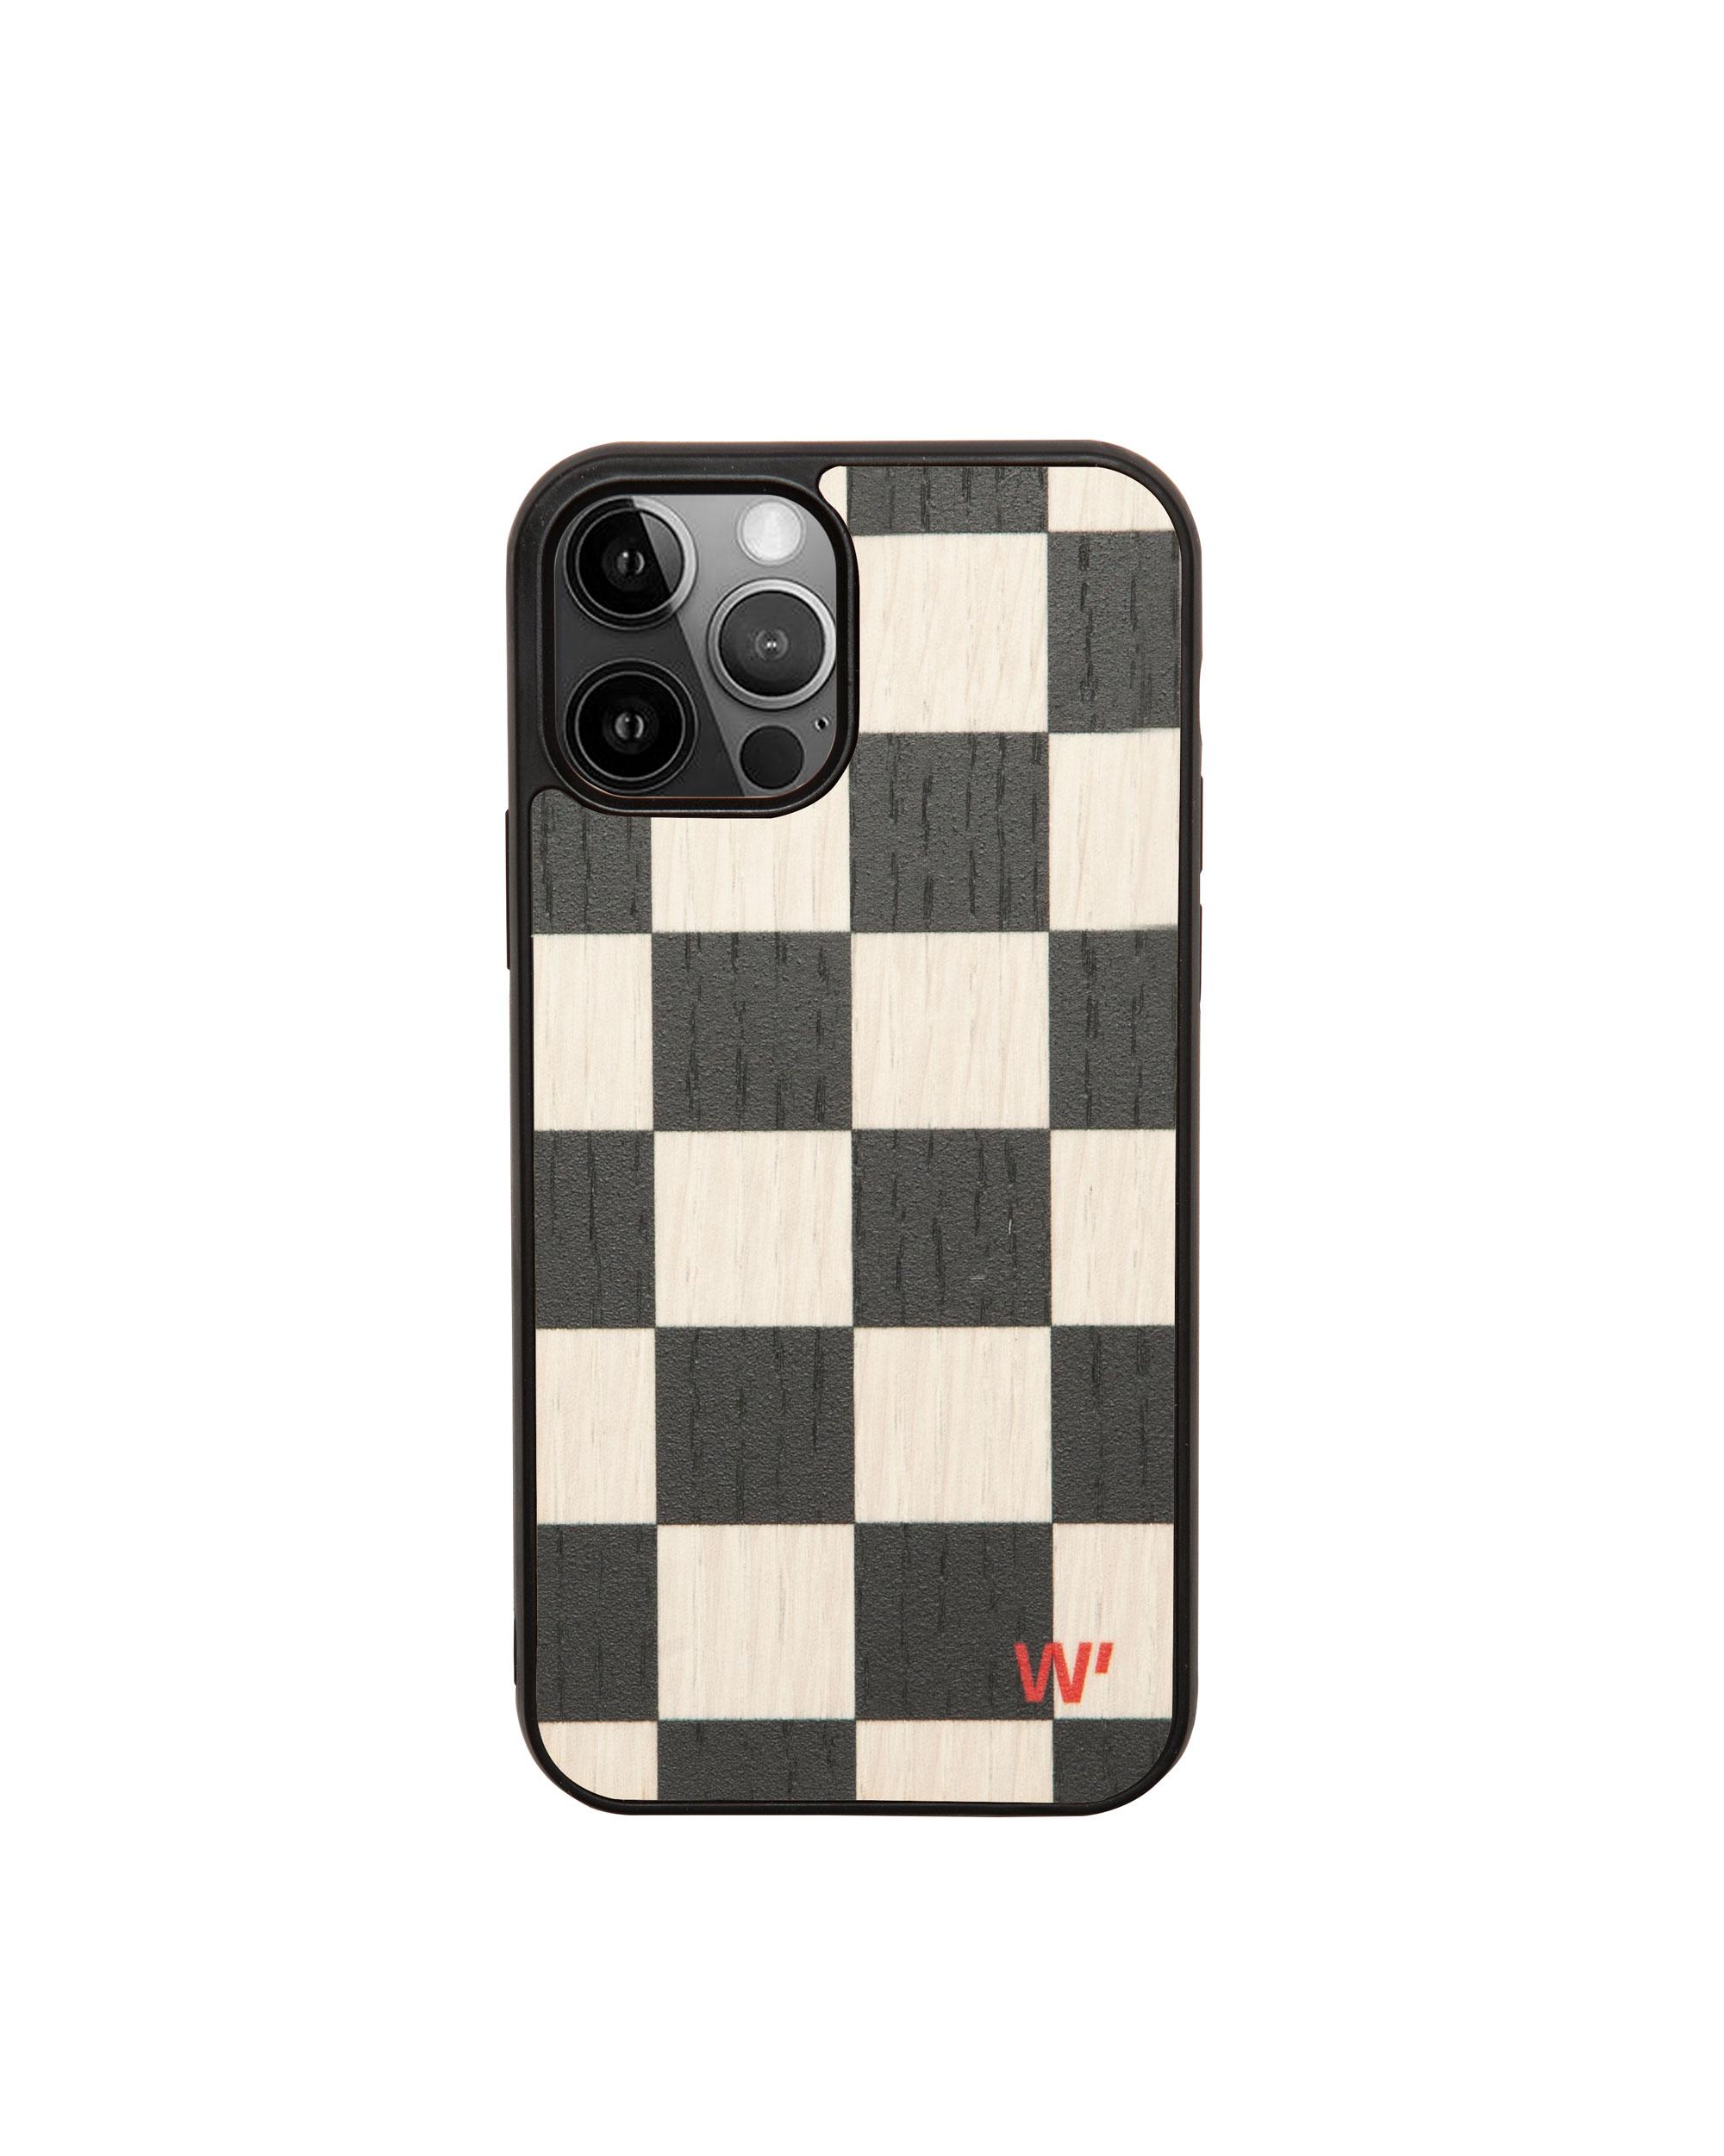 CHECK - Coque en bois pour iPhone 11 pro max